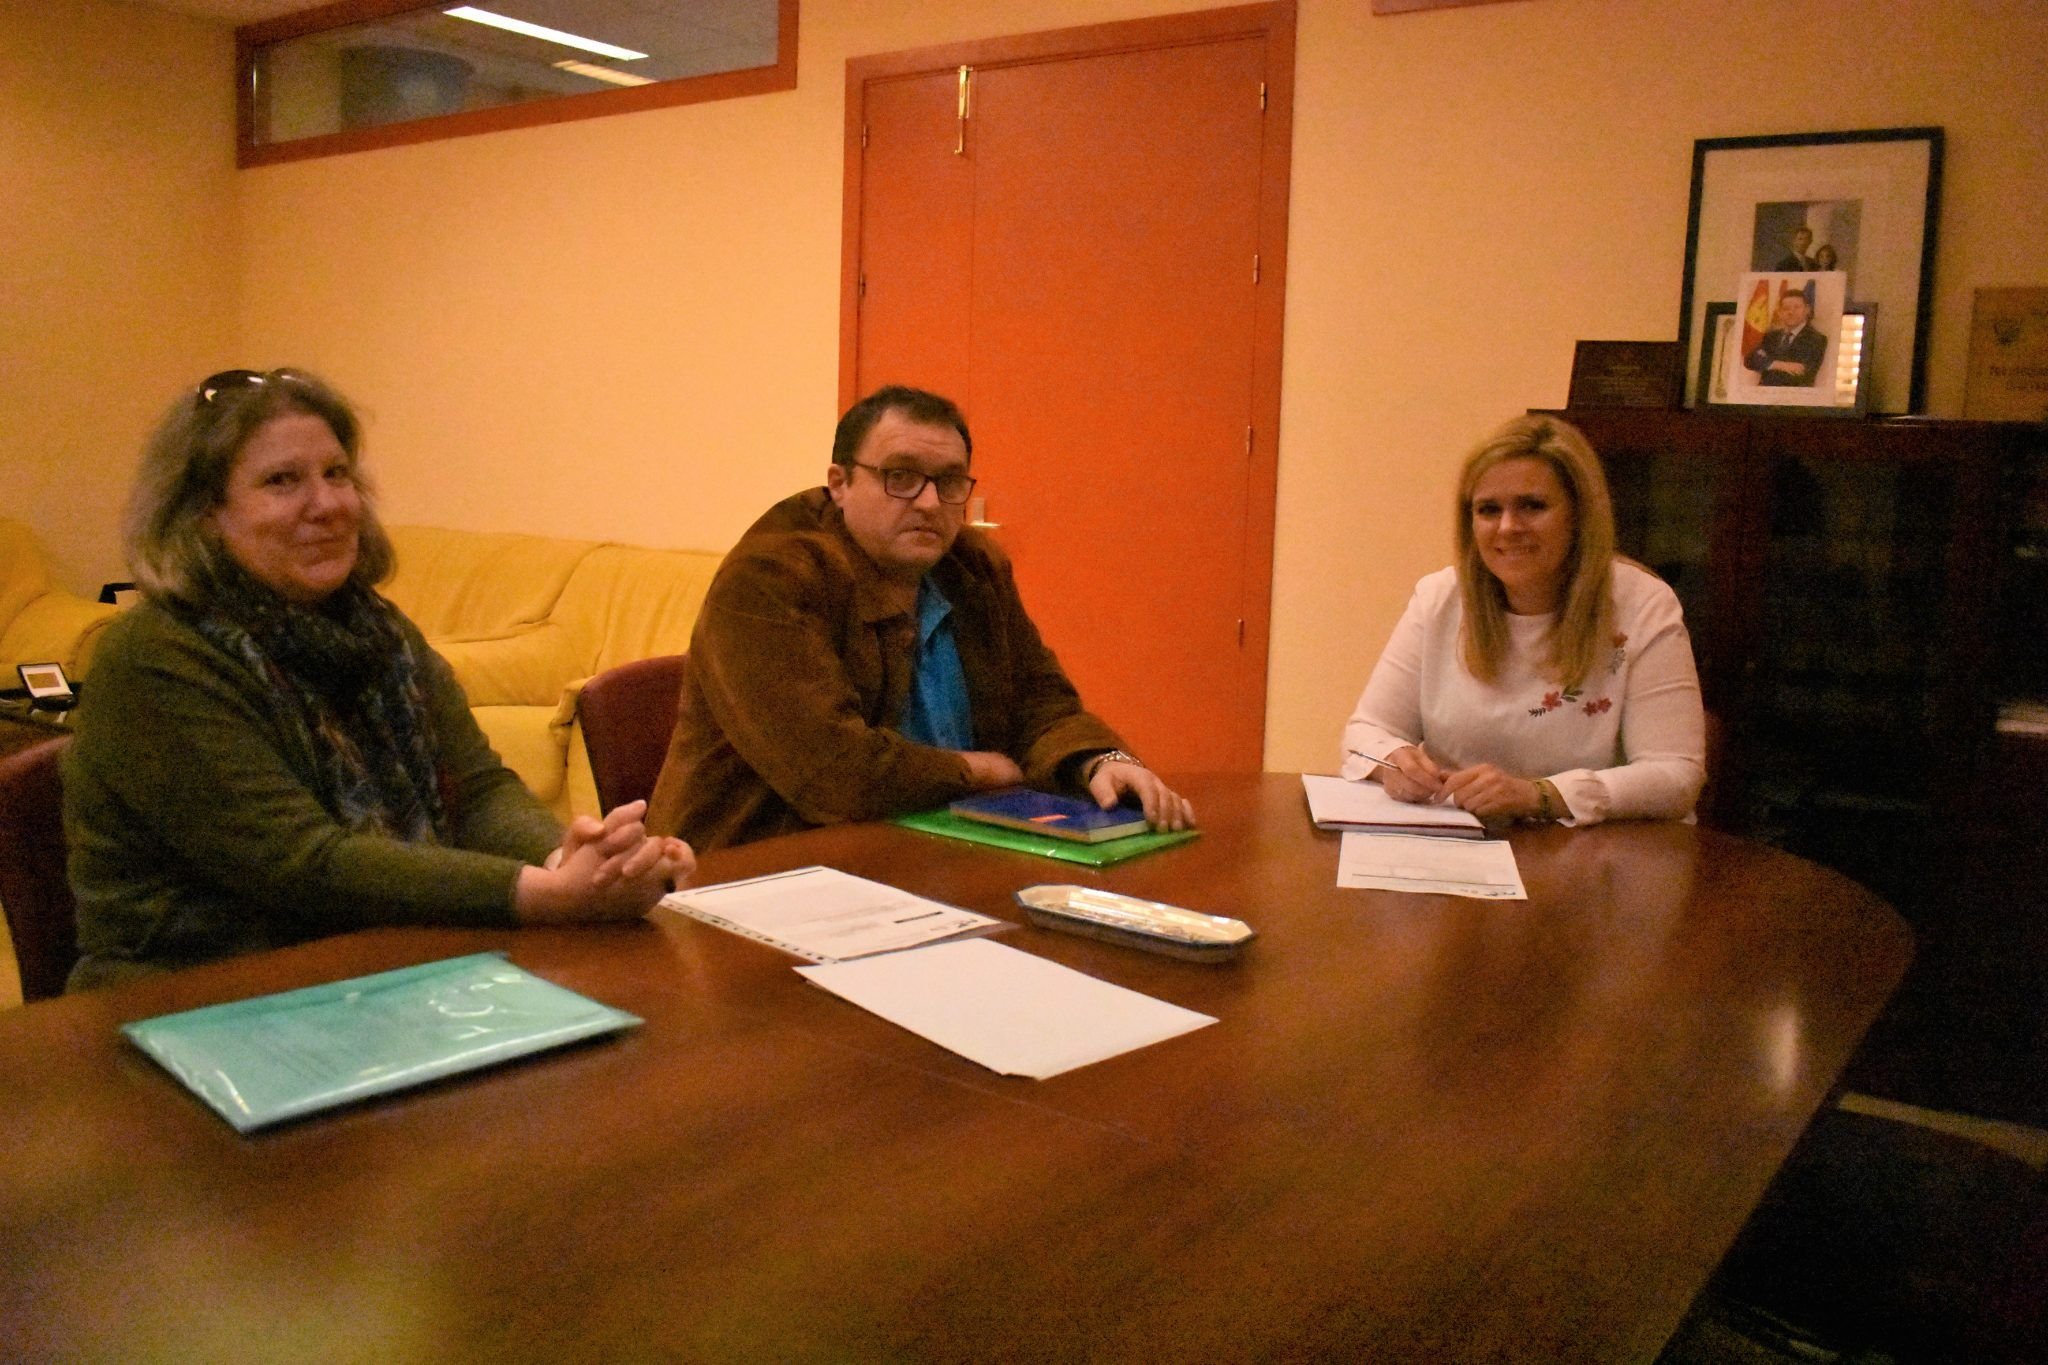 foto alcalde de paredes 2048x1365 1 | Informaciones de Cuenca